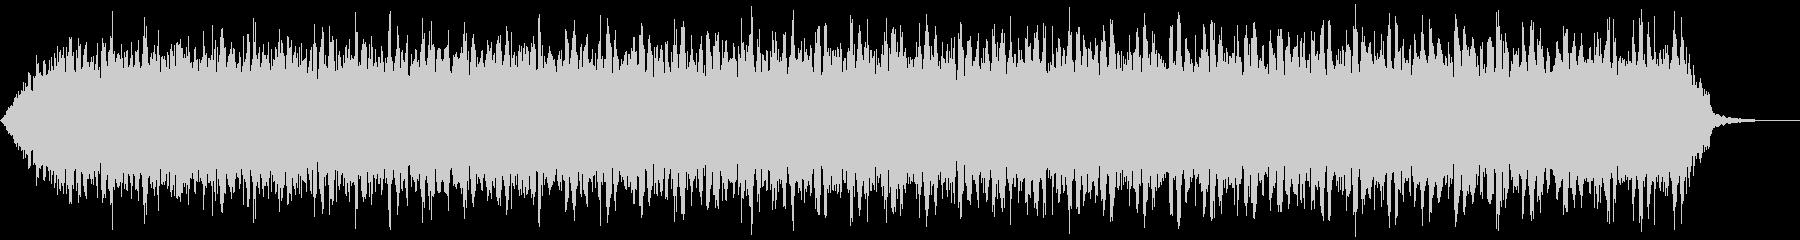 【アンビエント】ドローン_36 実験音の未再生の波形